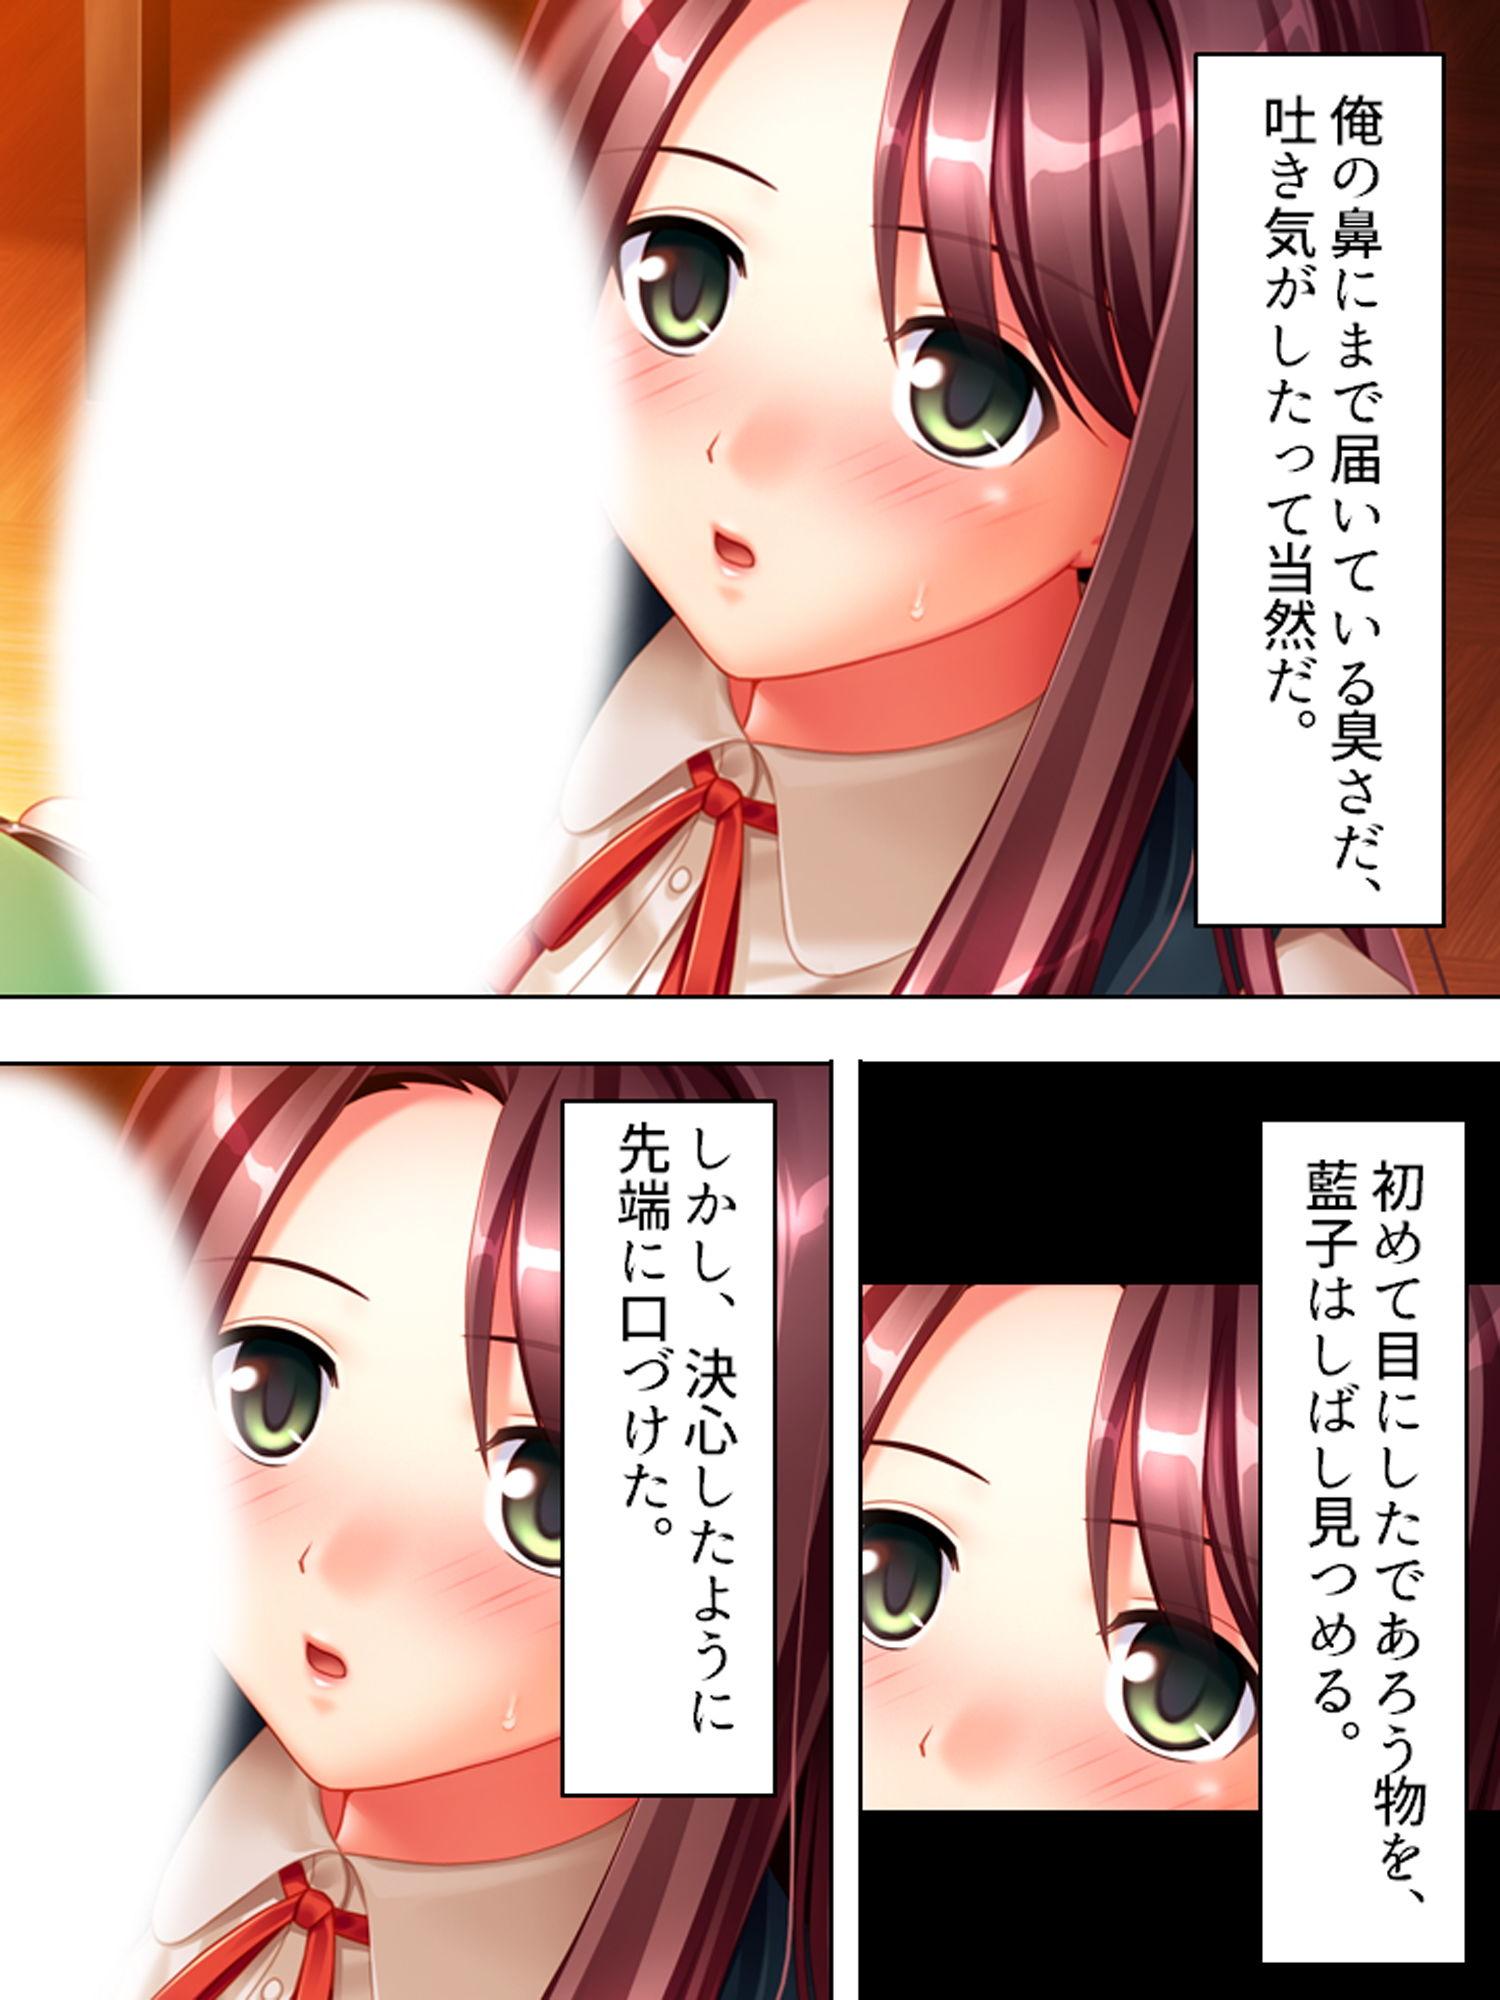 【アロマコミック 同人】鬼畜教師が往く!美少女姉妹の調教生活